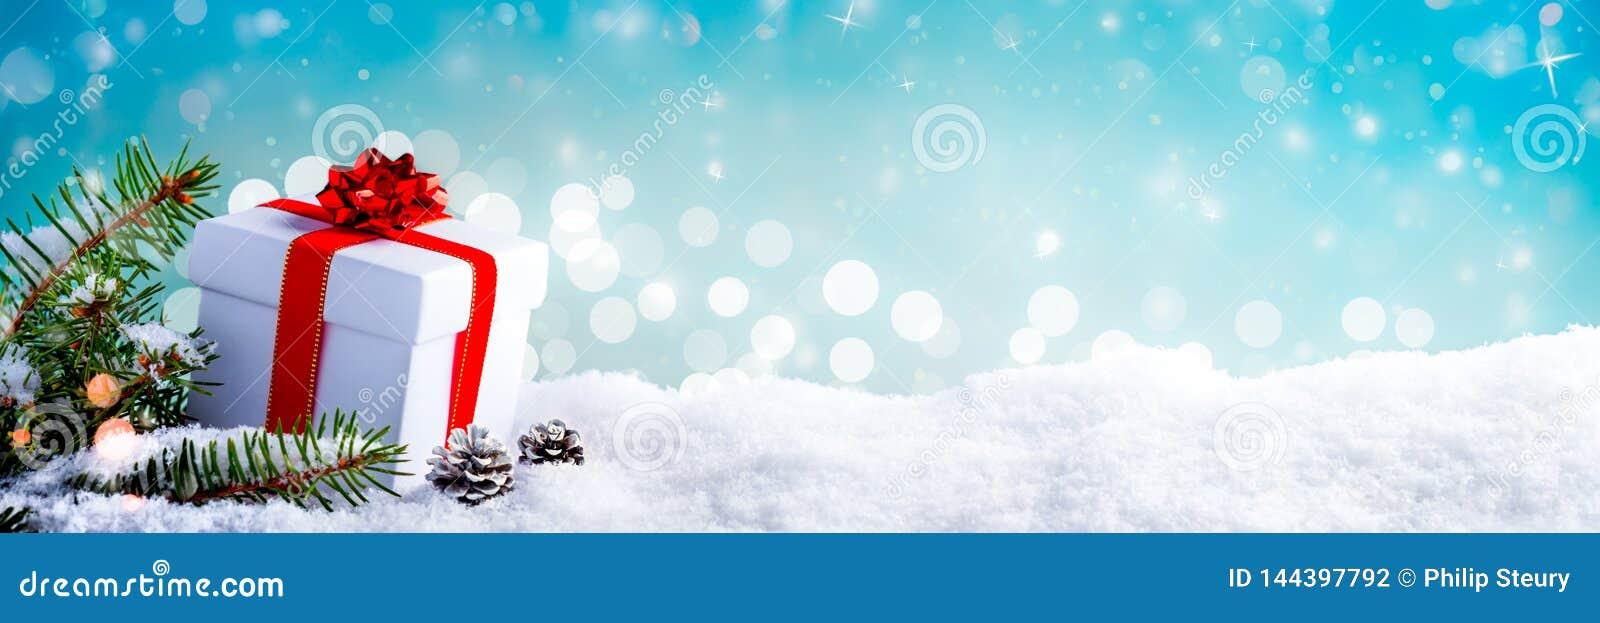 Подарок рождества в снеге